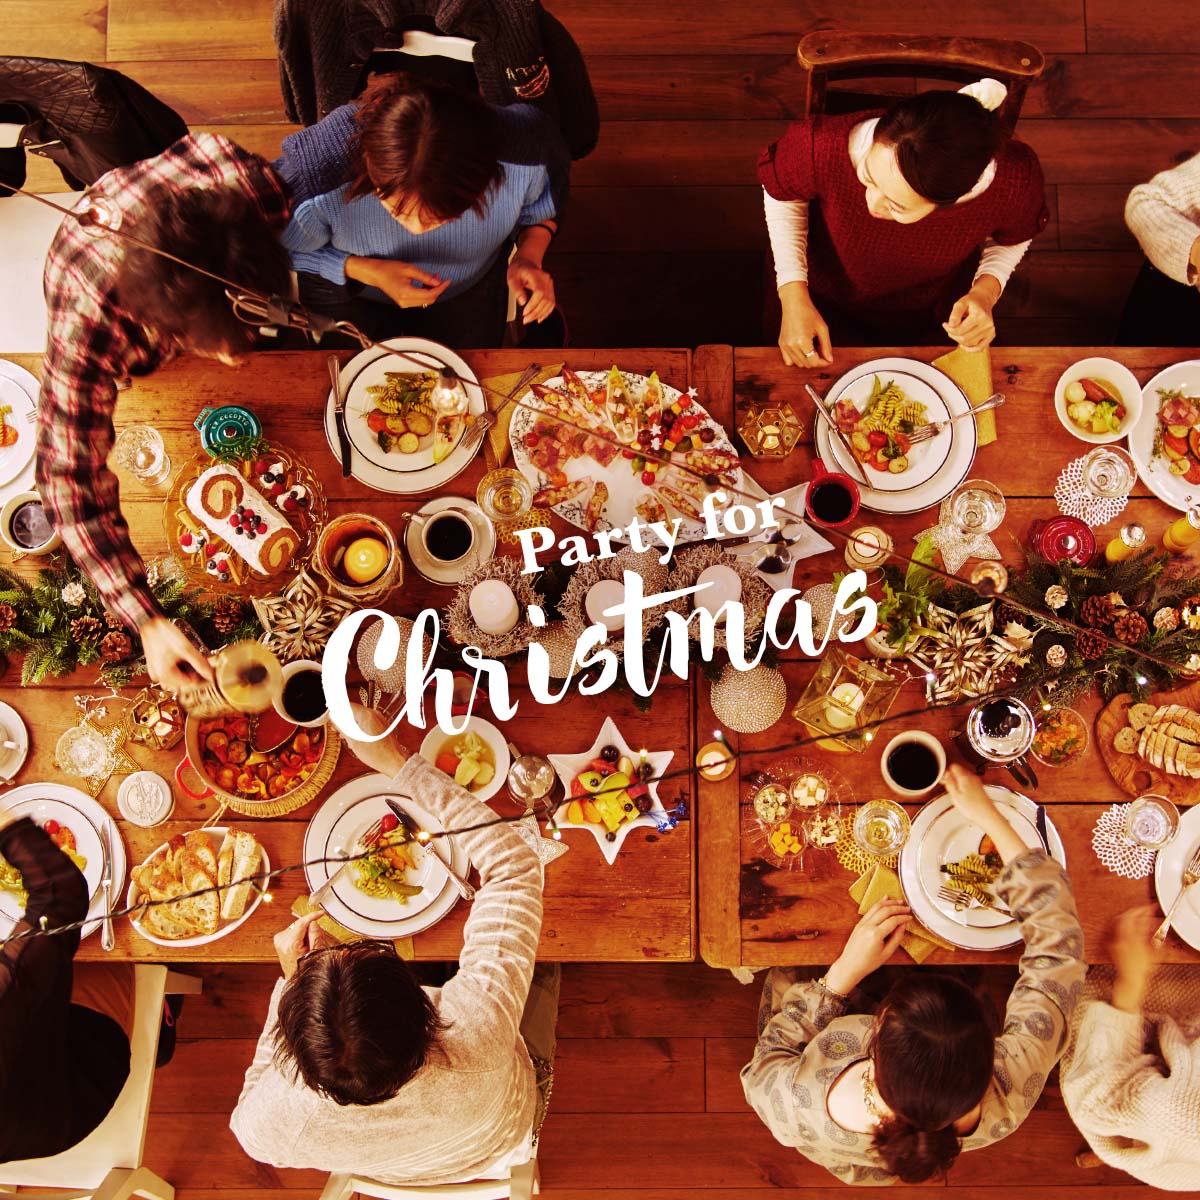 [季節のコーヒー] Party for Christmas パーティを始めよう